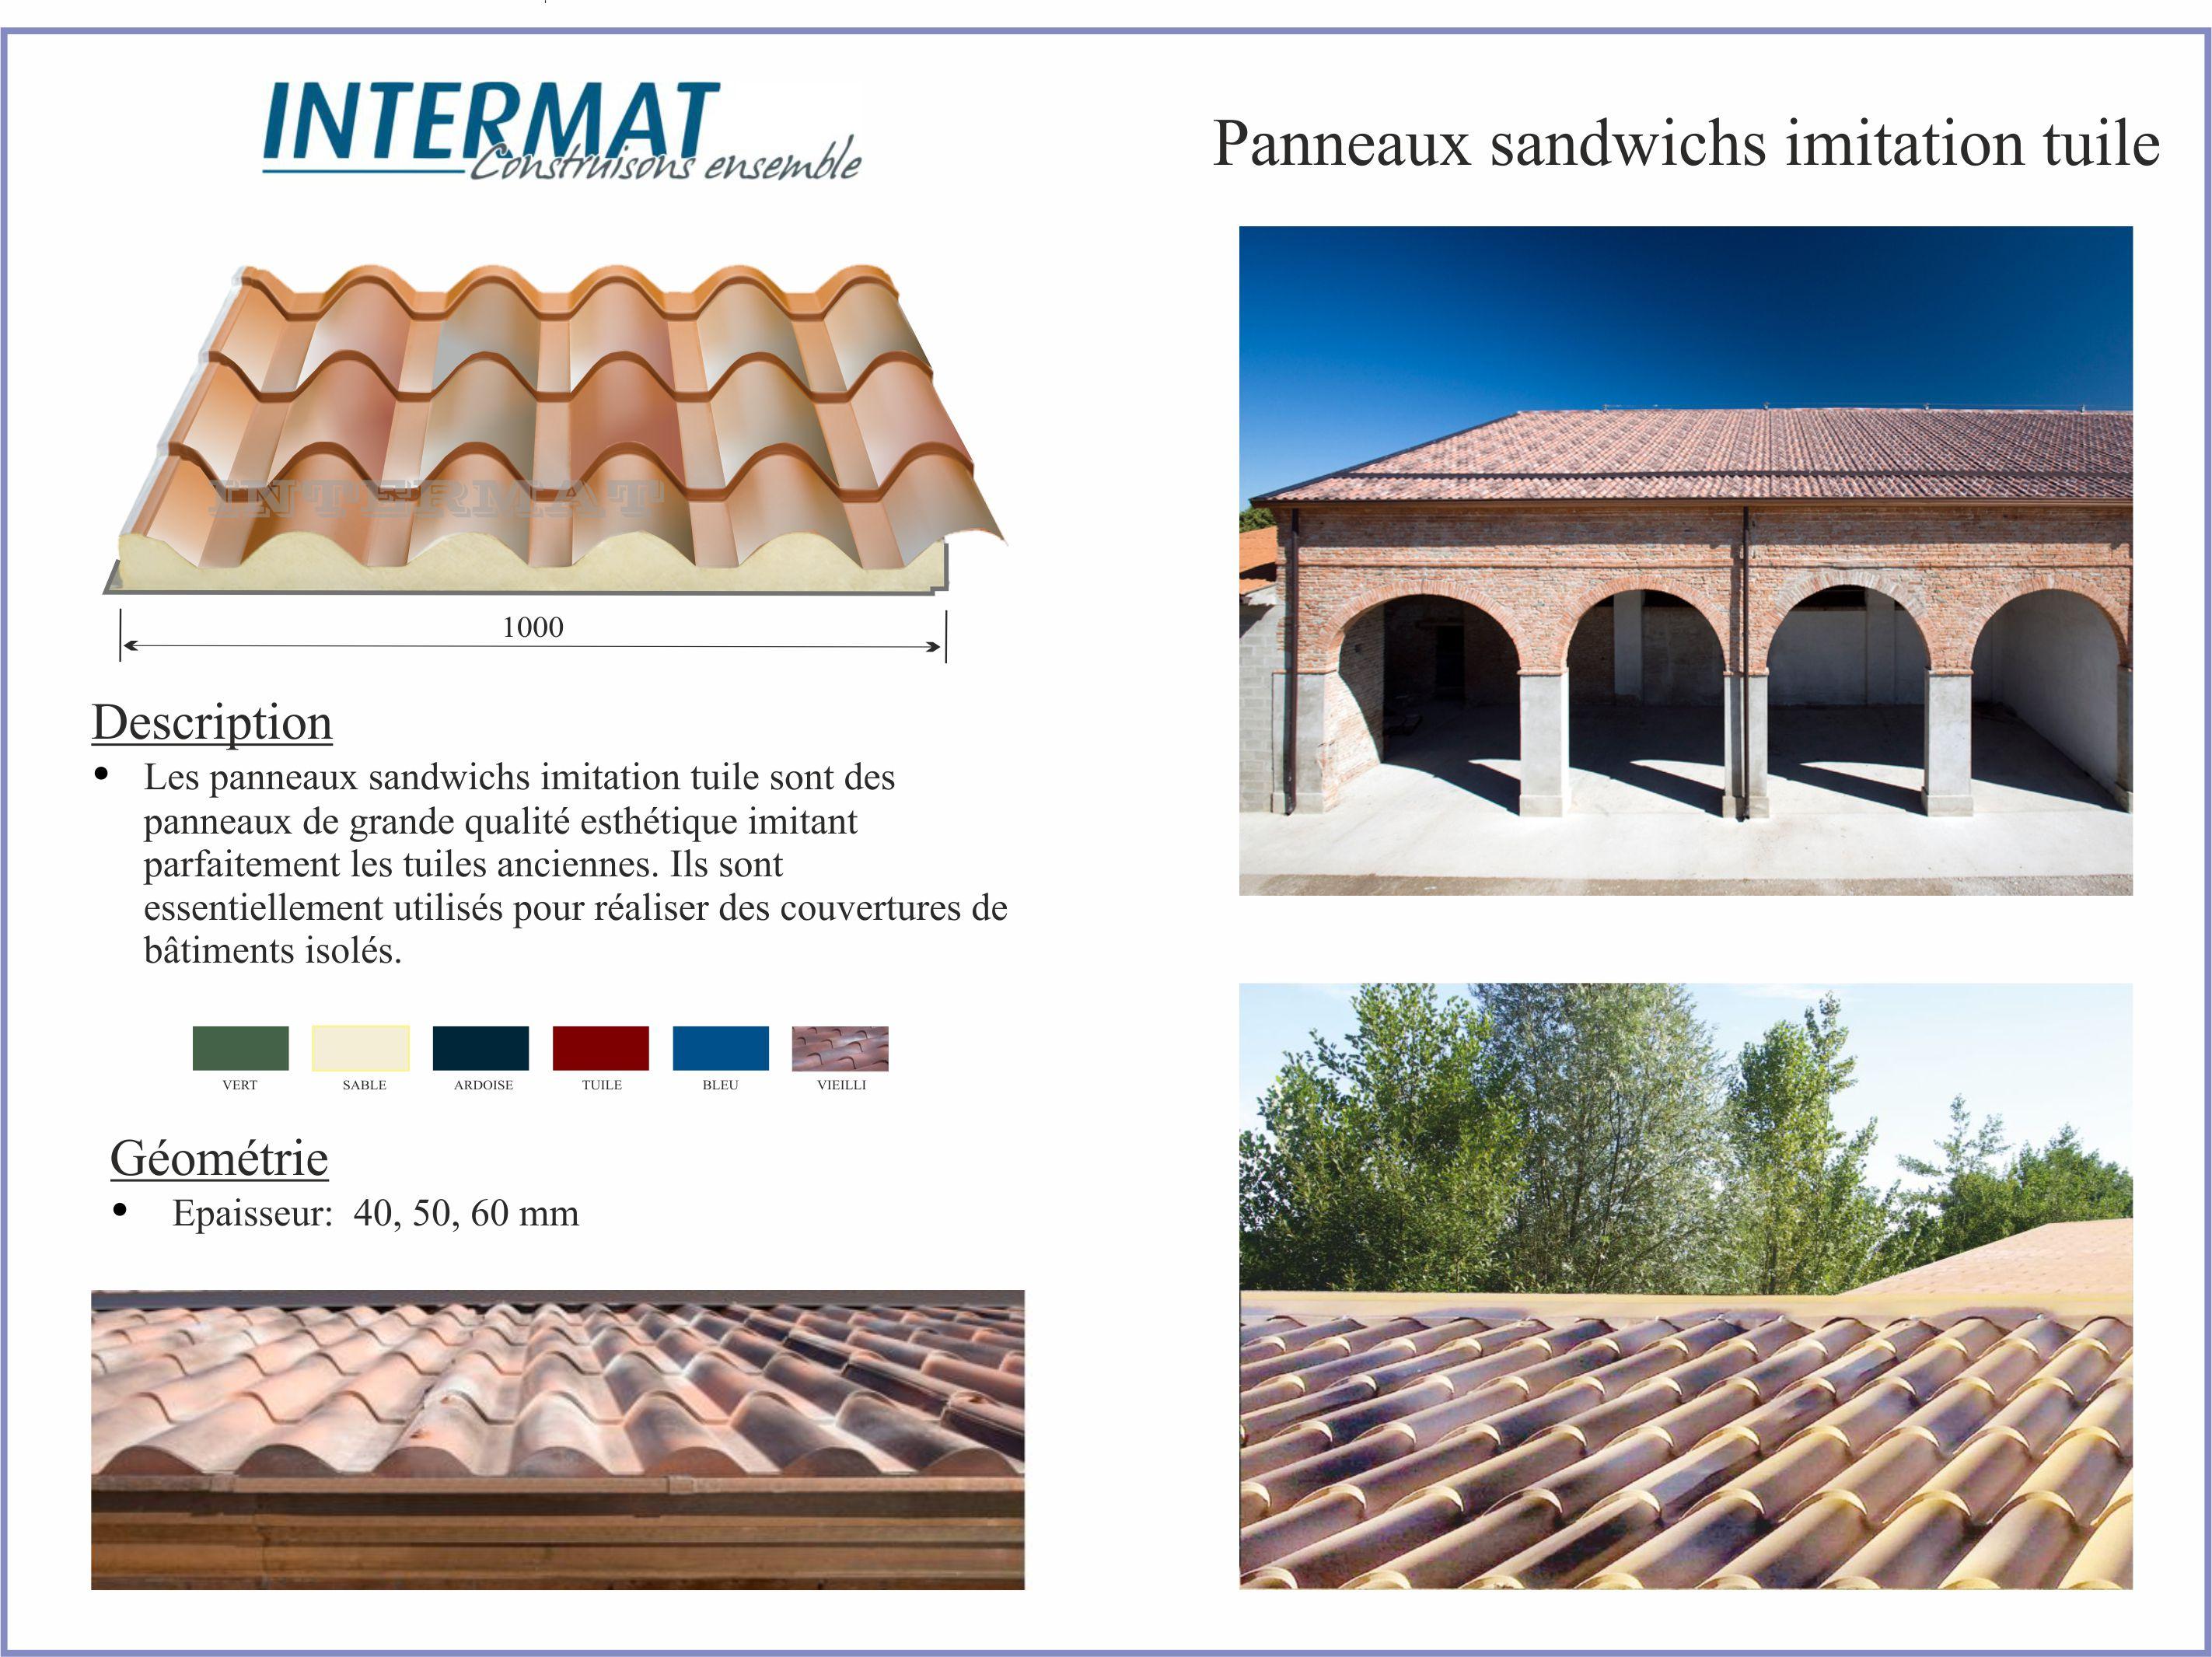 couverture toiture panneaux tuile